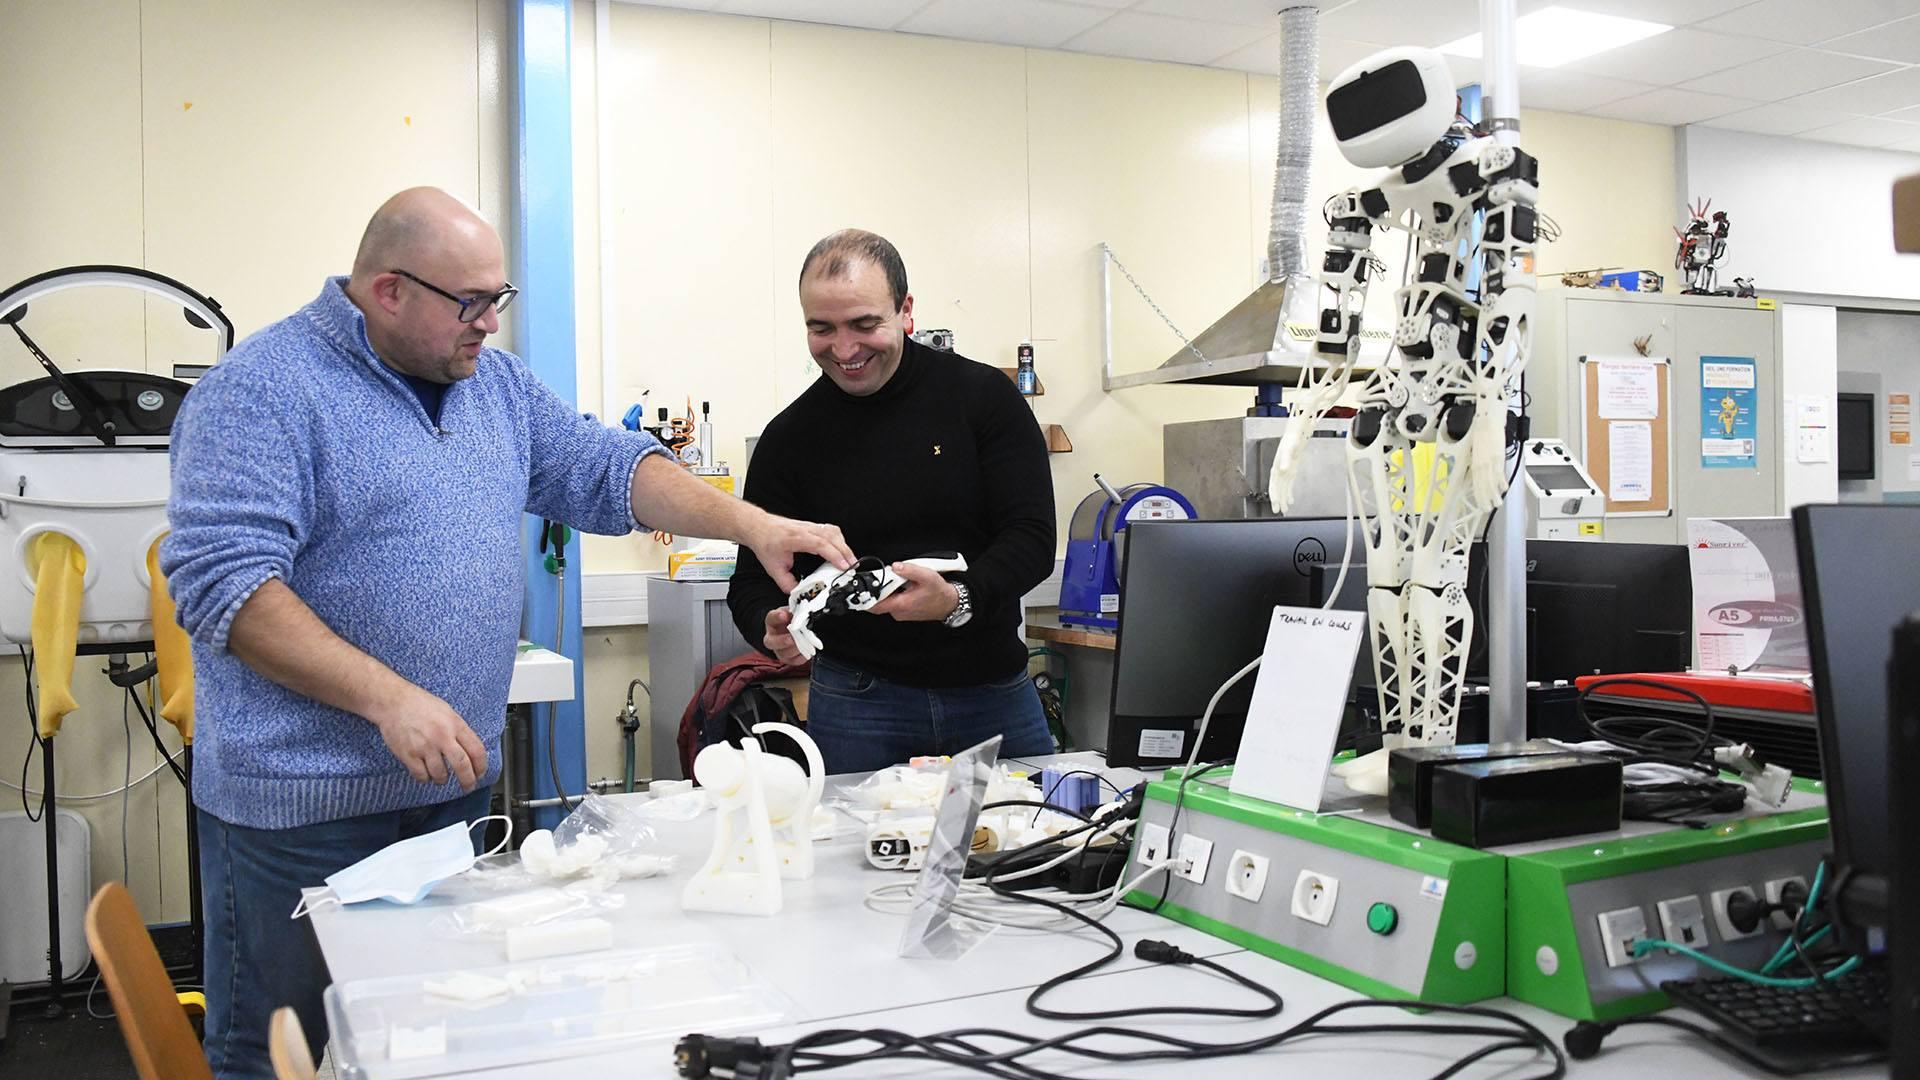 Mulhouse une prothèse de main intelligente développée par l'IUT : Djaffar Ould Abdeslam enseignant-chercheur et Christophe de Sabbata technicien animateur de l'IUTLab